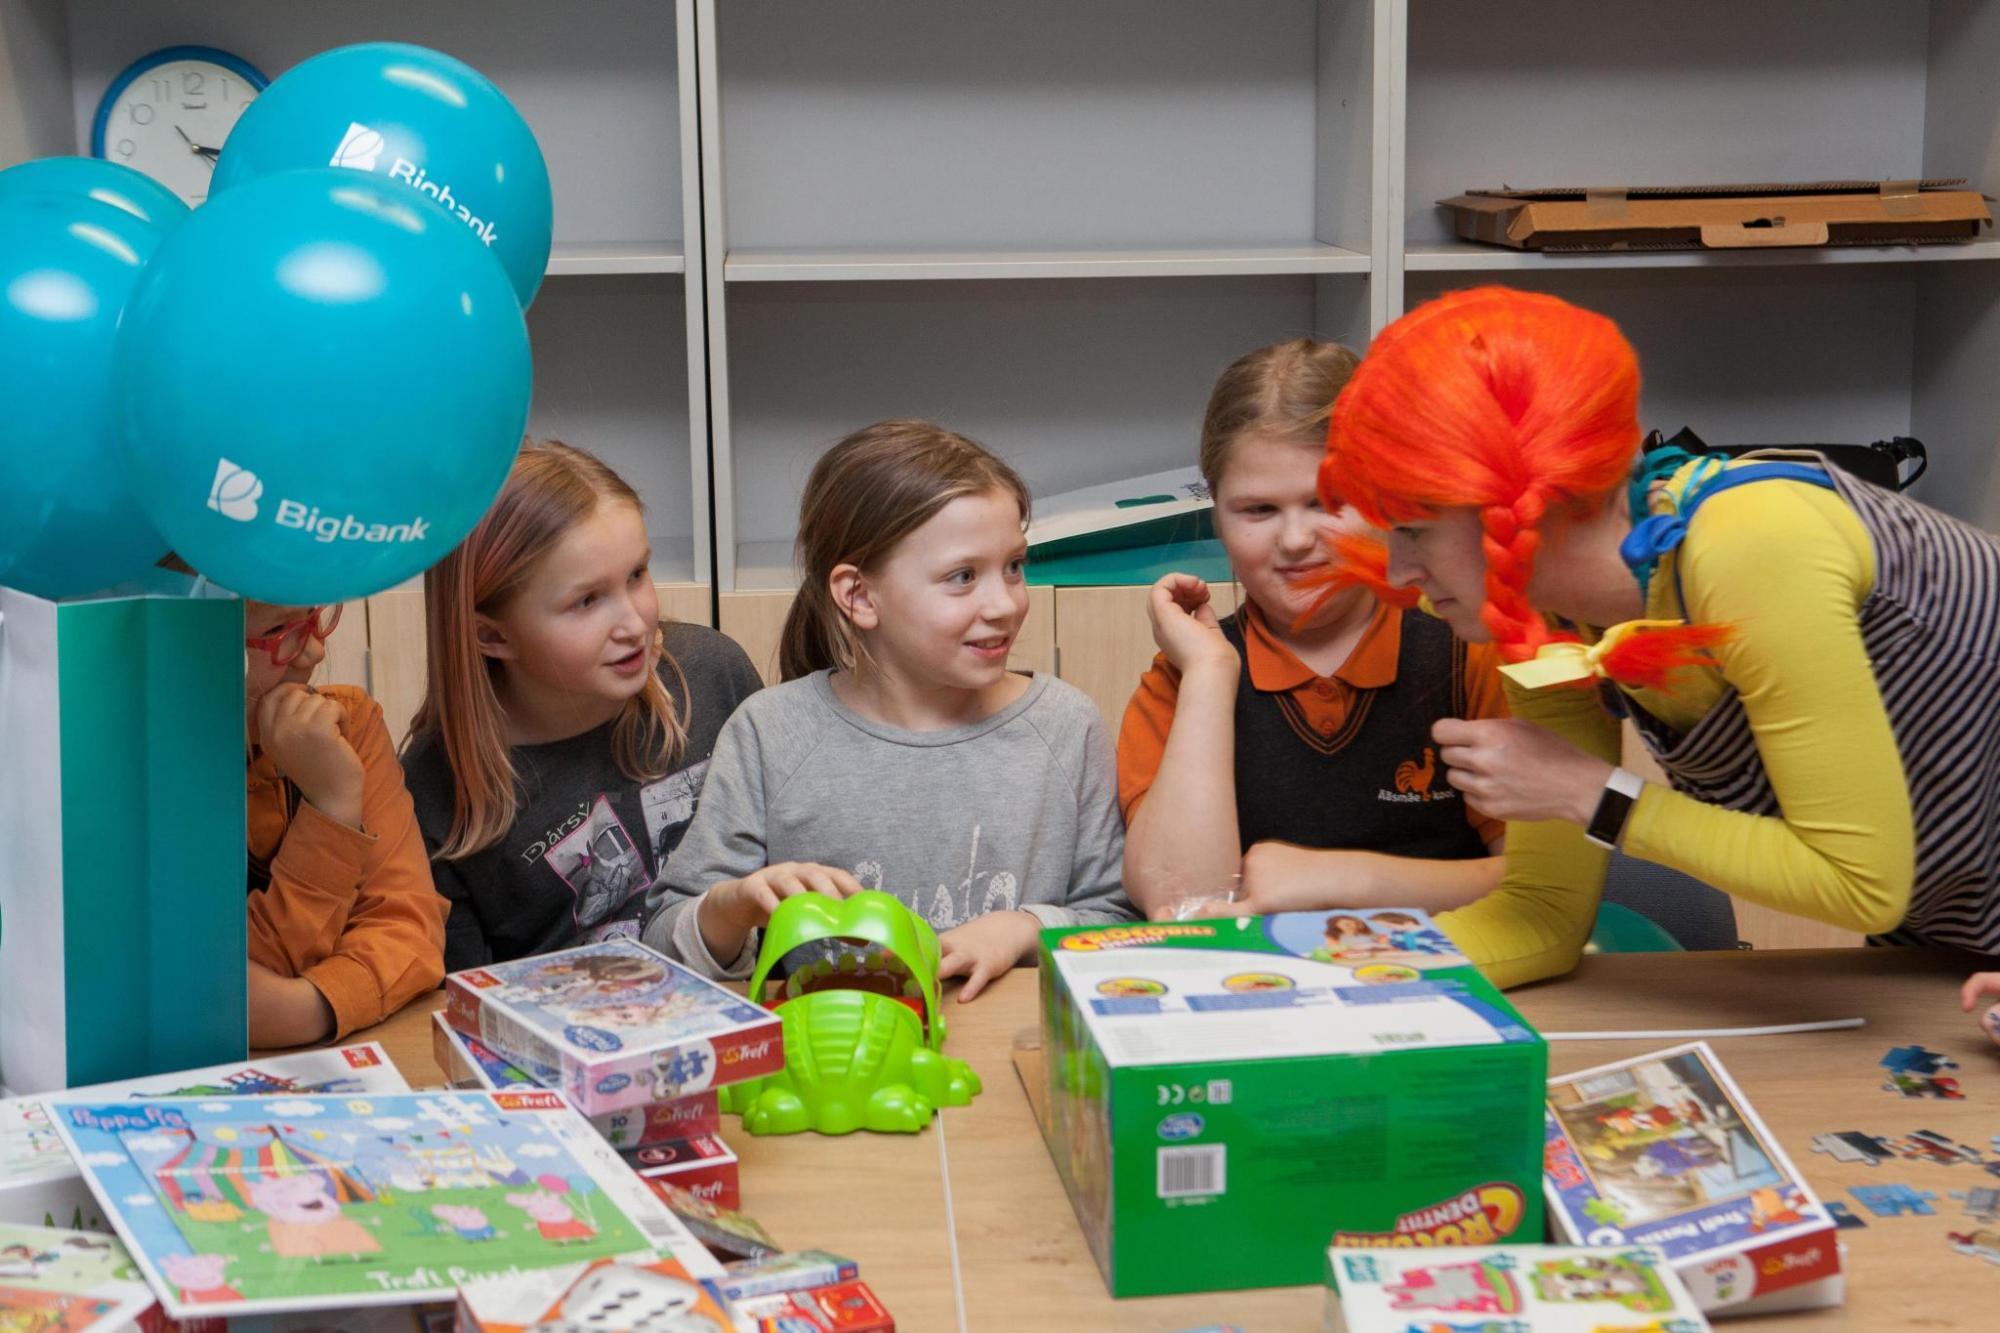 Bigbank kinkis lasterikkaid peresid ühendavatele organisatsioonidele 300 lauamängu